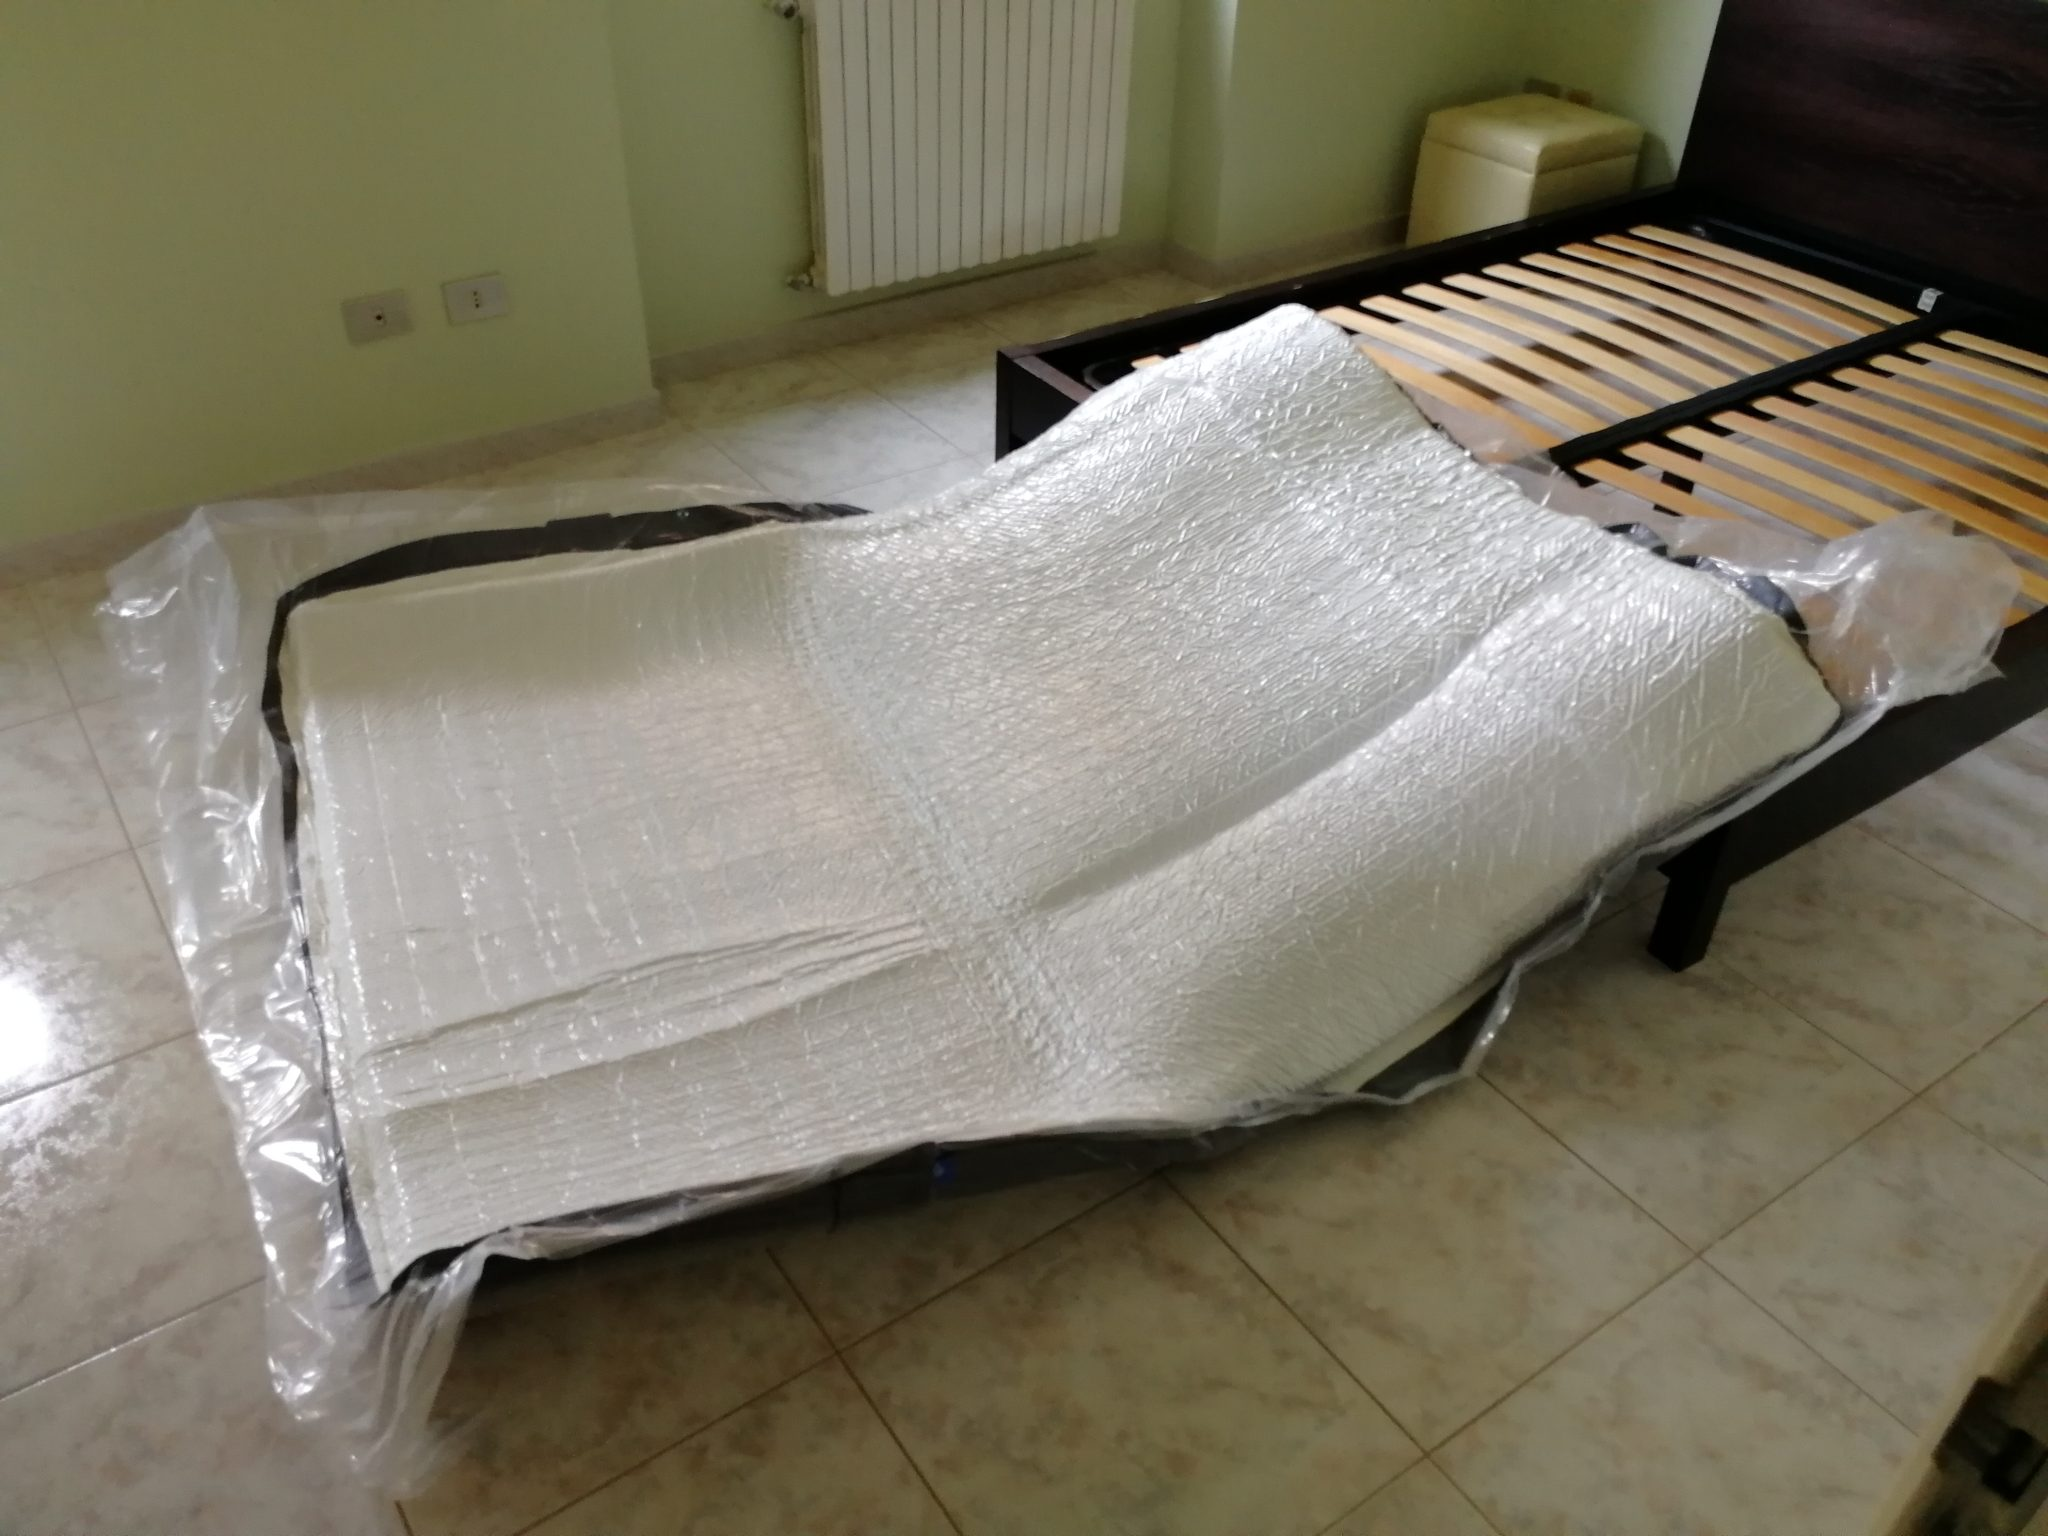 Emma original - Installazione - posizionamento materasso sottovuoto